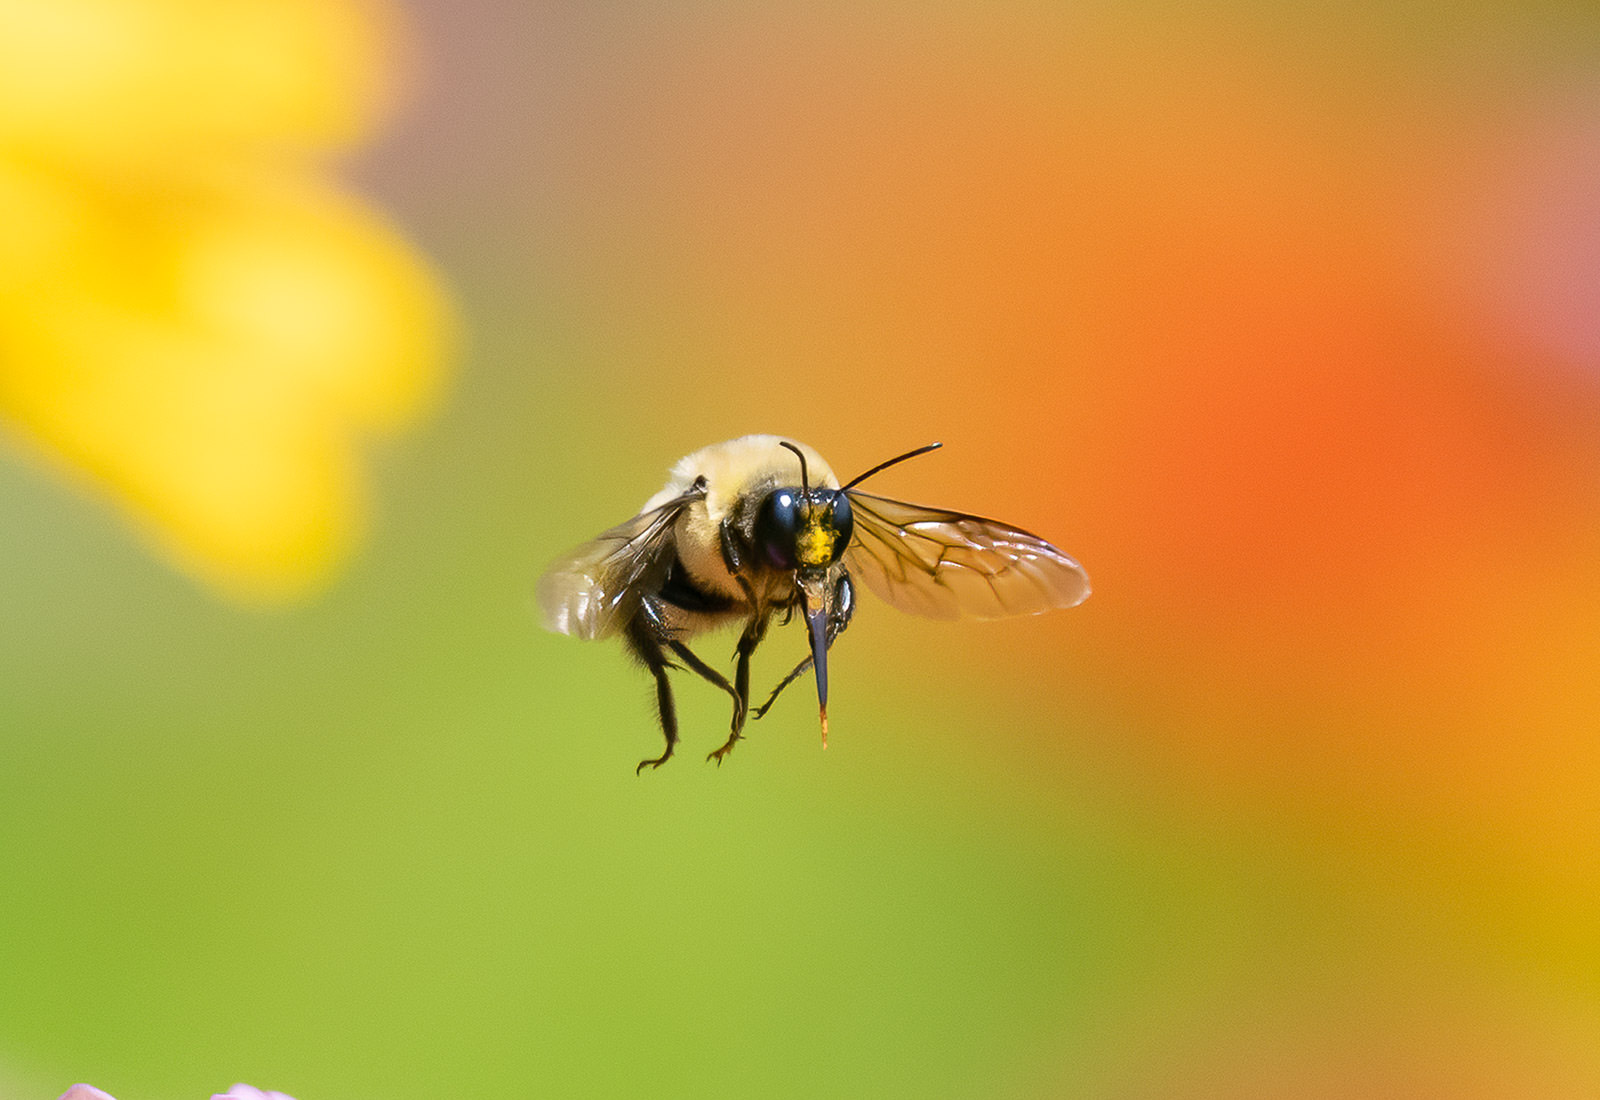 Bumblebee among the flowers